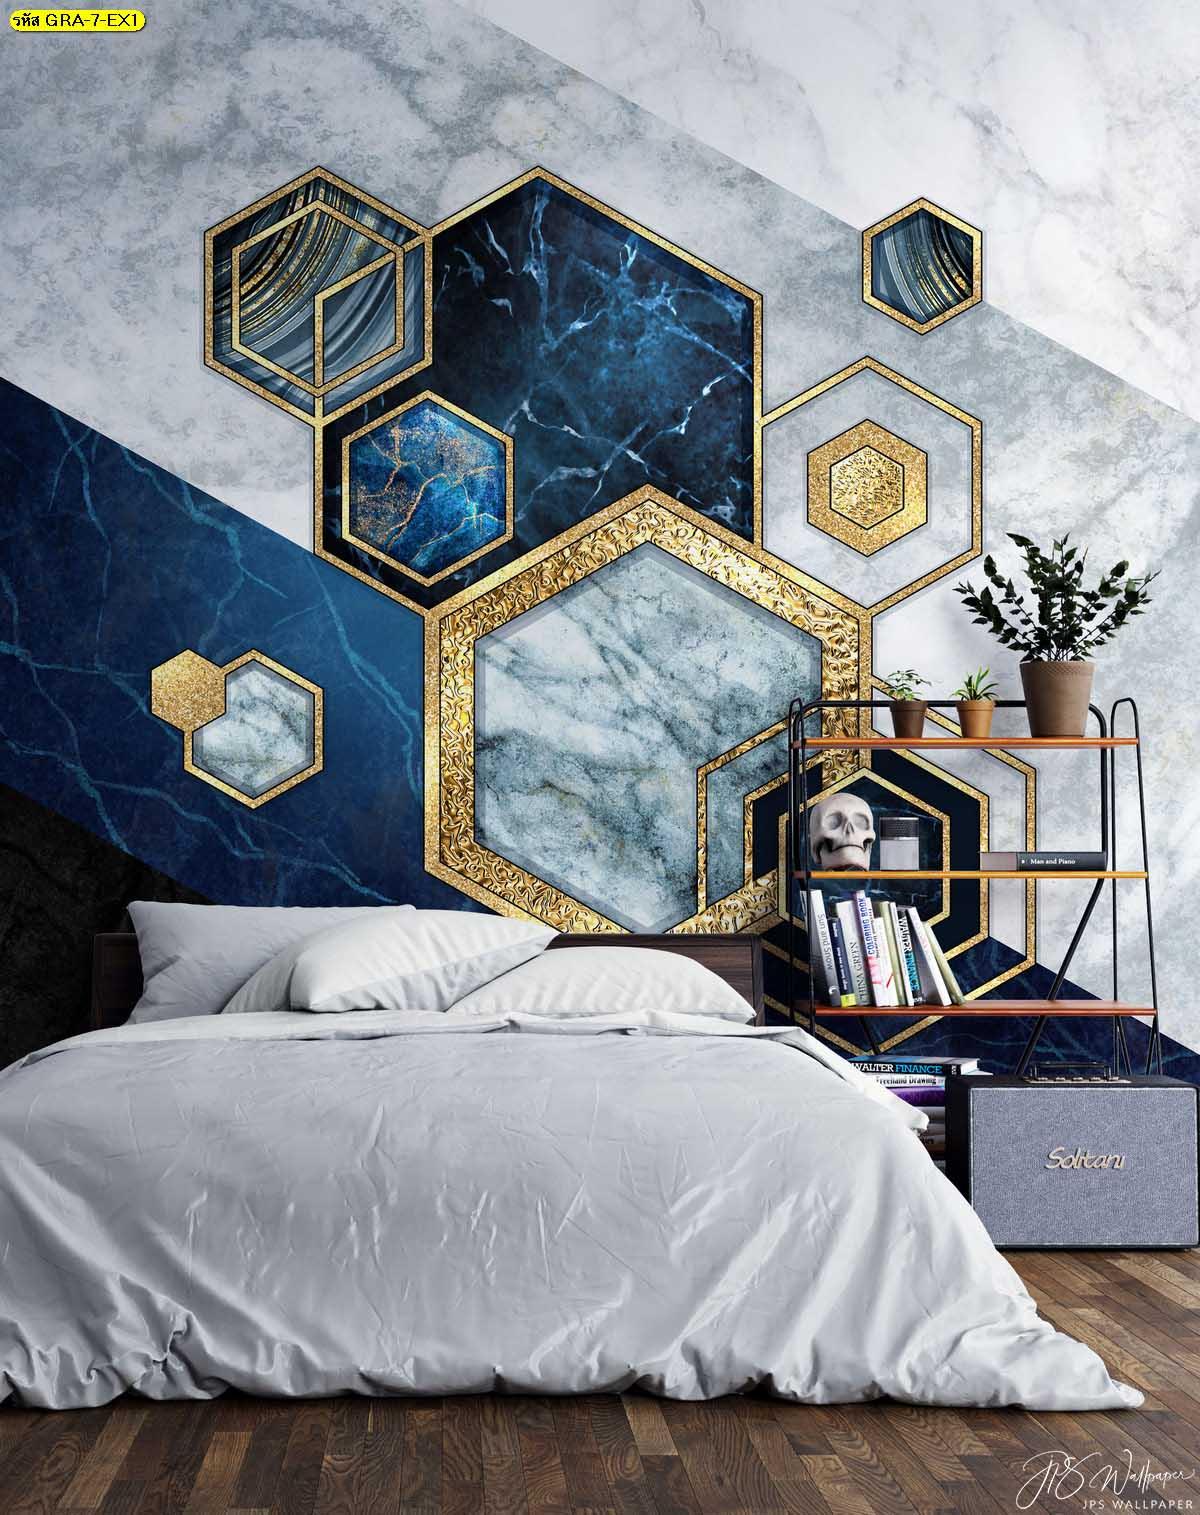 พิมพ์ภาพหกเหลี่ยมตัดเส้นสีทองพื้นหลังหินอ่อนสีฟ้า สั่งปริ้นรูปขนาดใหญ่ตกแต่งห้องนอน